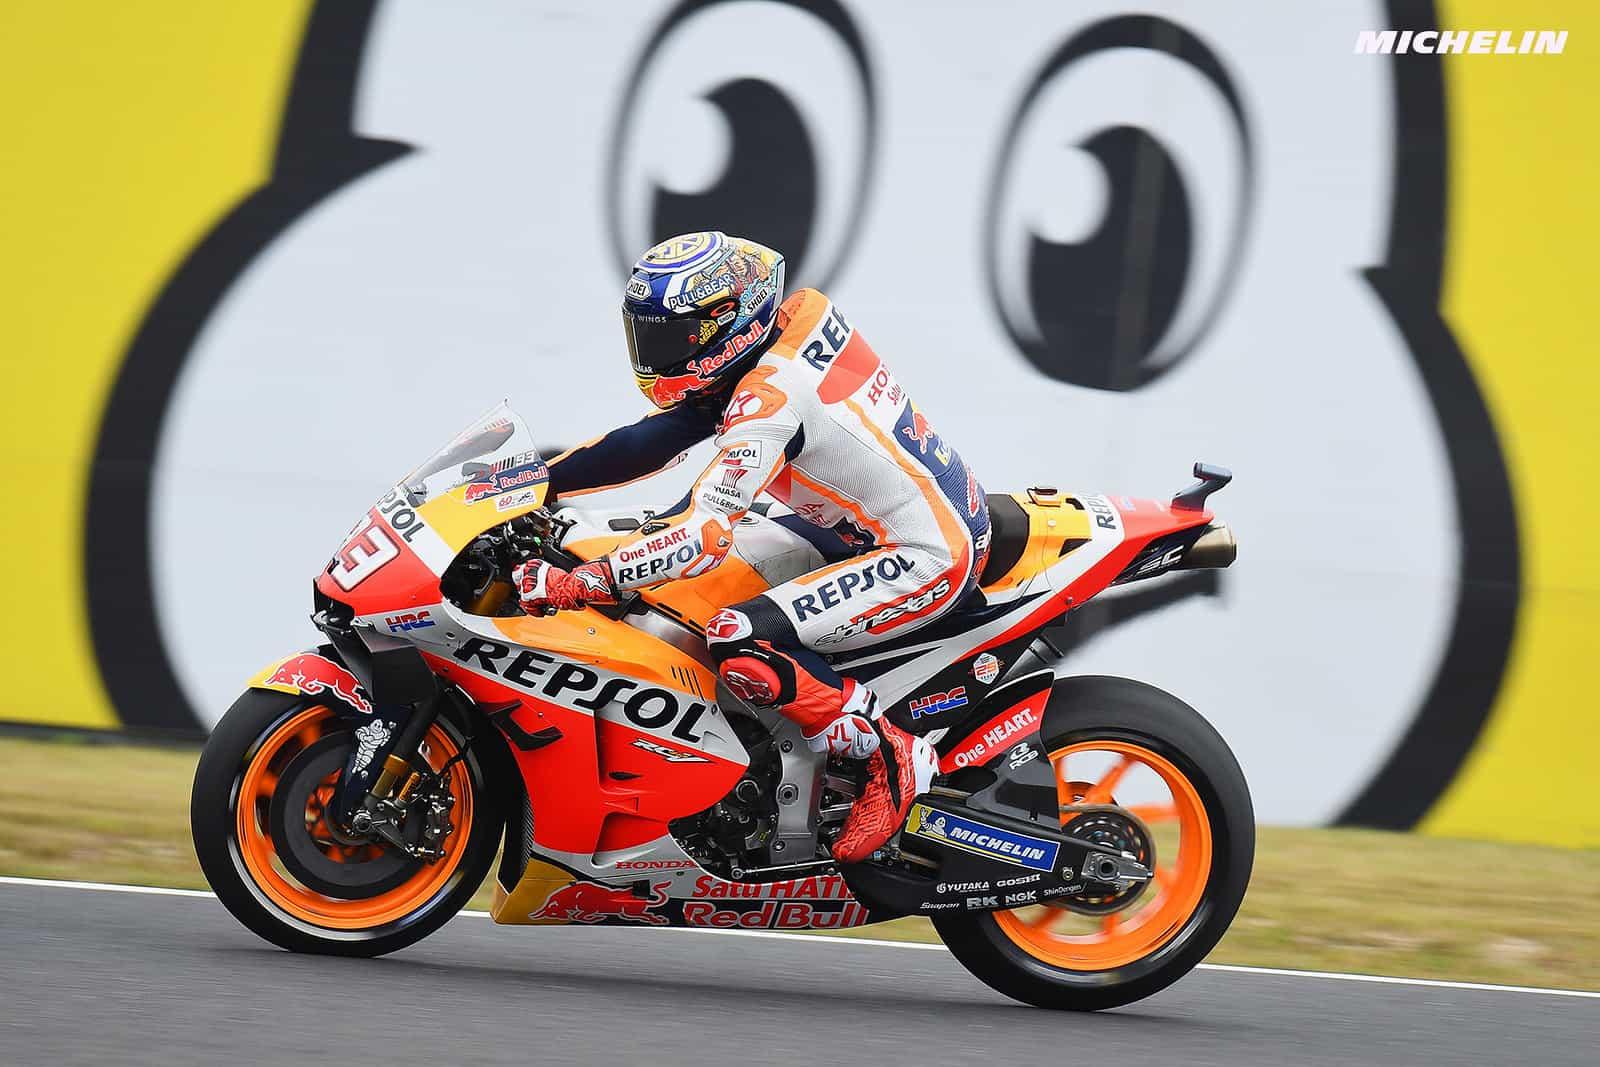 MotoGP2019日本GP FP2 3位マルケス「ベストと言えるFP2ではなかった」